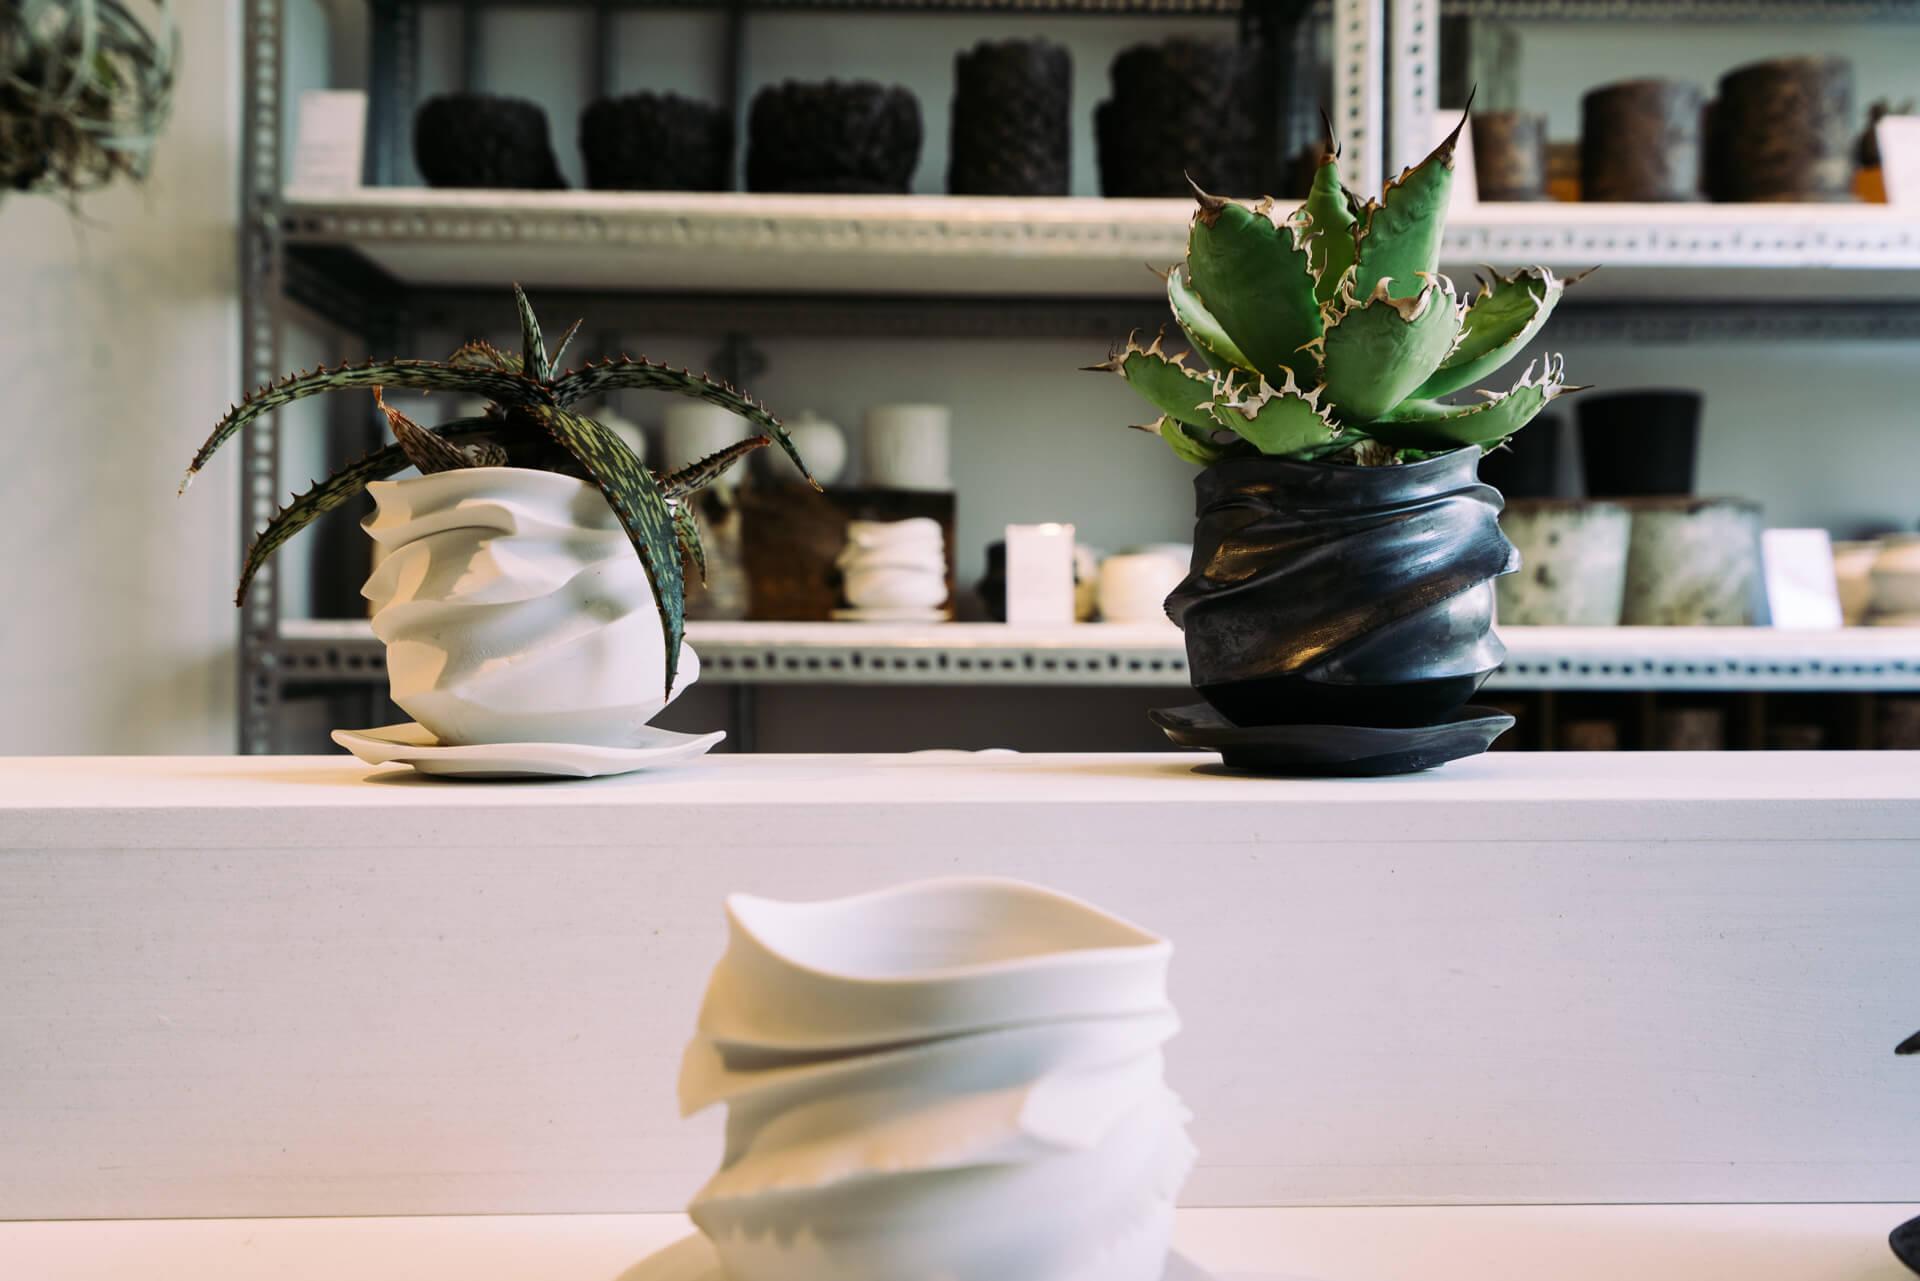 こちらは陶芸作家 池田麻人さんによる新作「Ryumyaku(龍脈)」シリーズ。波打つような独特の形が植物を引き立てます。(POT 6,000円、POT+PLANTS 12,000円前後/左:アロエ・ソマリエンシス、右:アガベ・チタノタ)